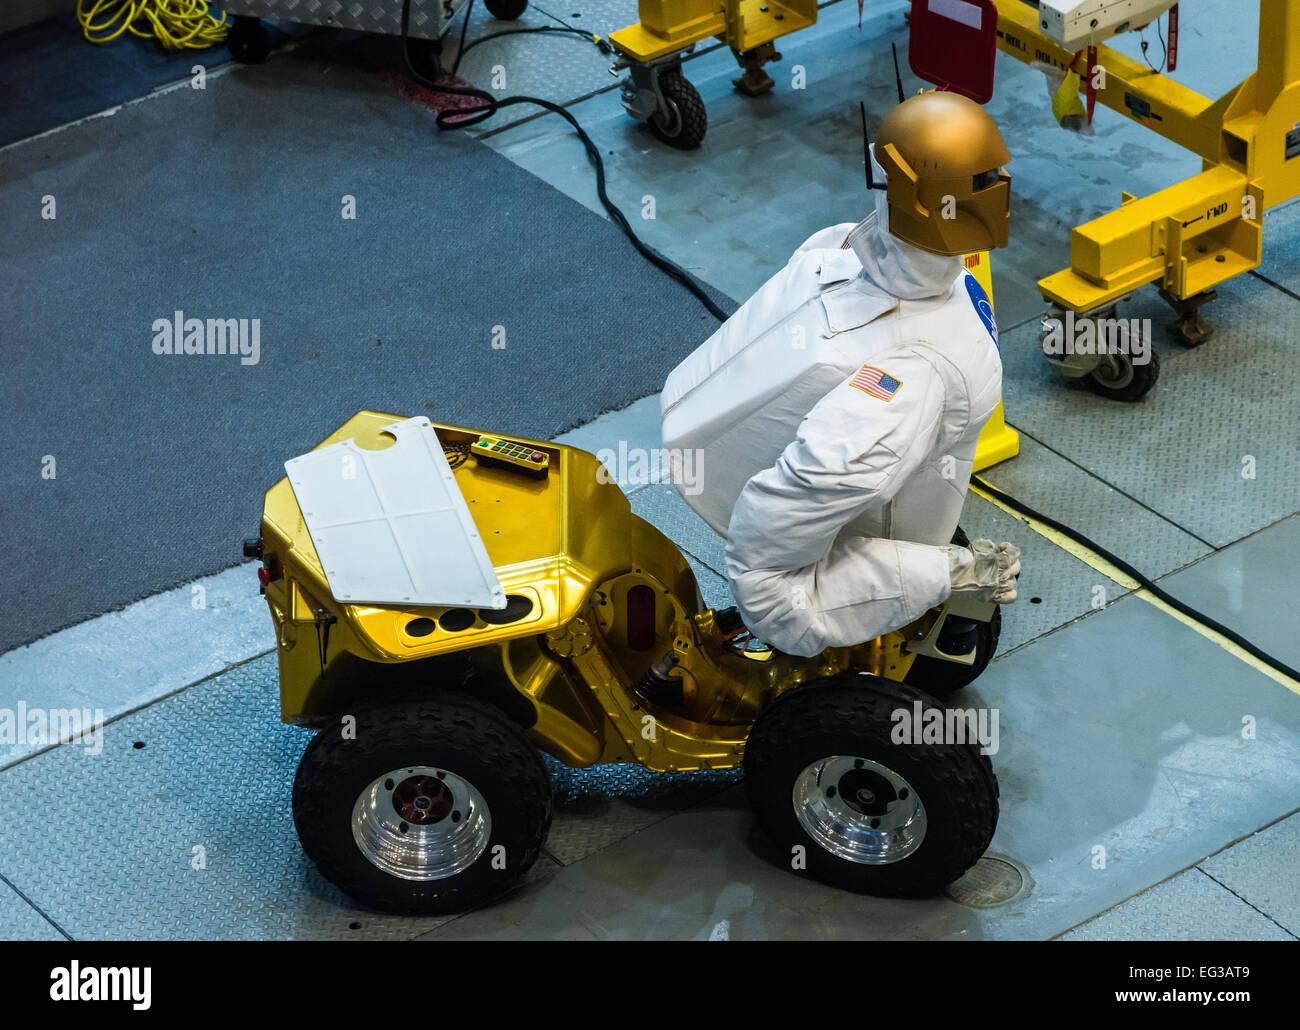 Innerhalb einer Einrichtung bei NASA Johnson Space Center in Houston, Texas, USA ist ein menschenähnlicher Stockbild